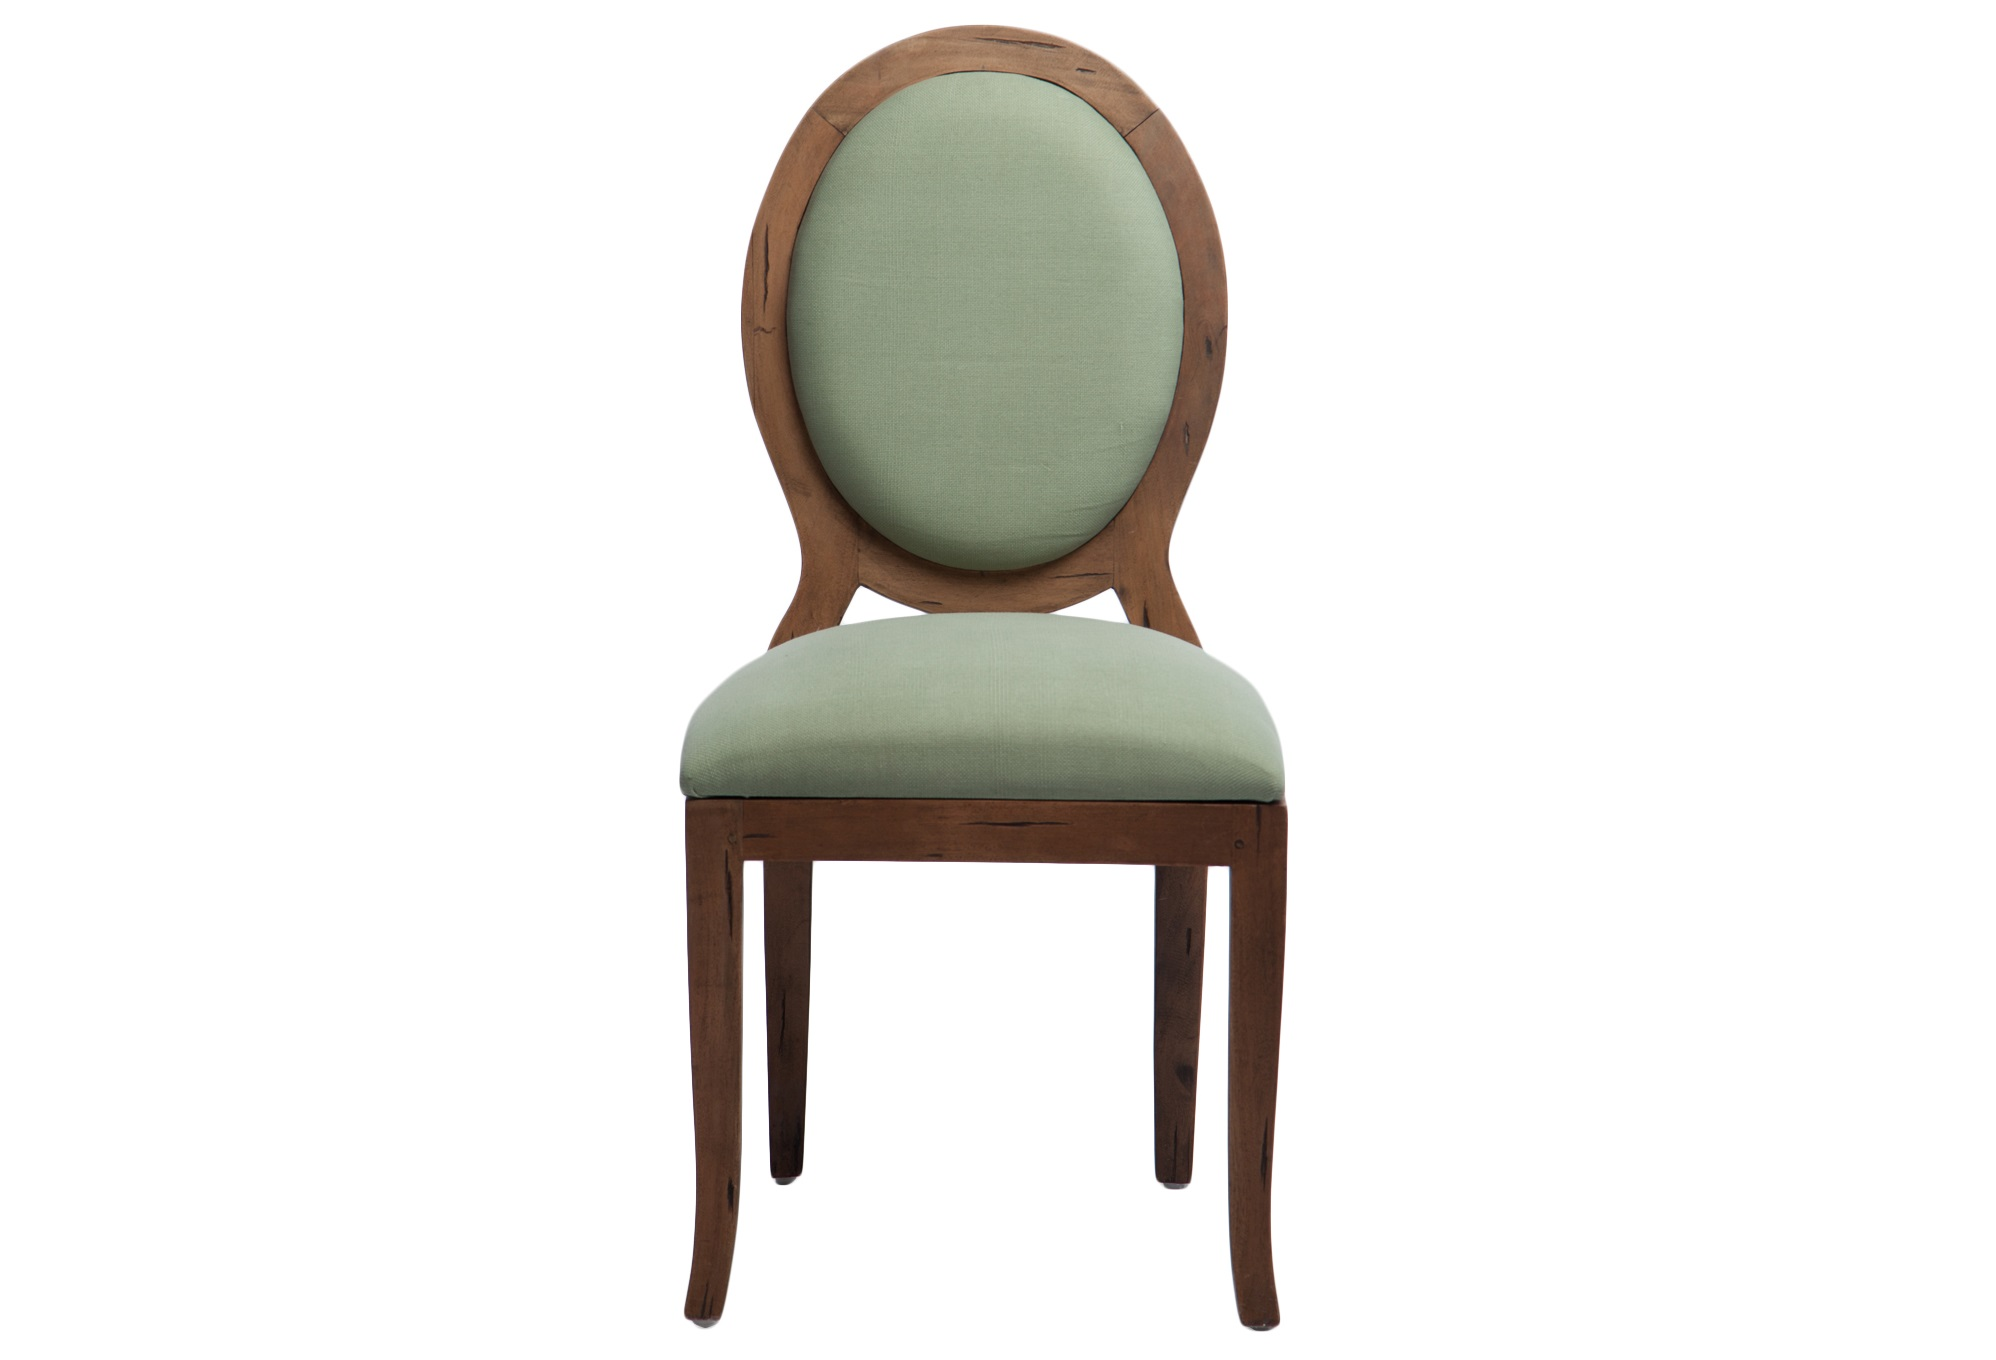 СтулОбеденные стулья<br>Стул из массива дерева махагони с зеленой обивкой. Спинка с задней стороны украшена декоративной фурнитурой в виде кольца.<br><br>Material: Красное дерево<br>Width см: 58<br>Depth см: 50<br>Height см: 103